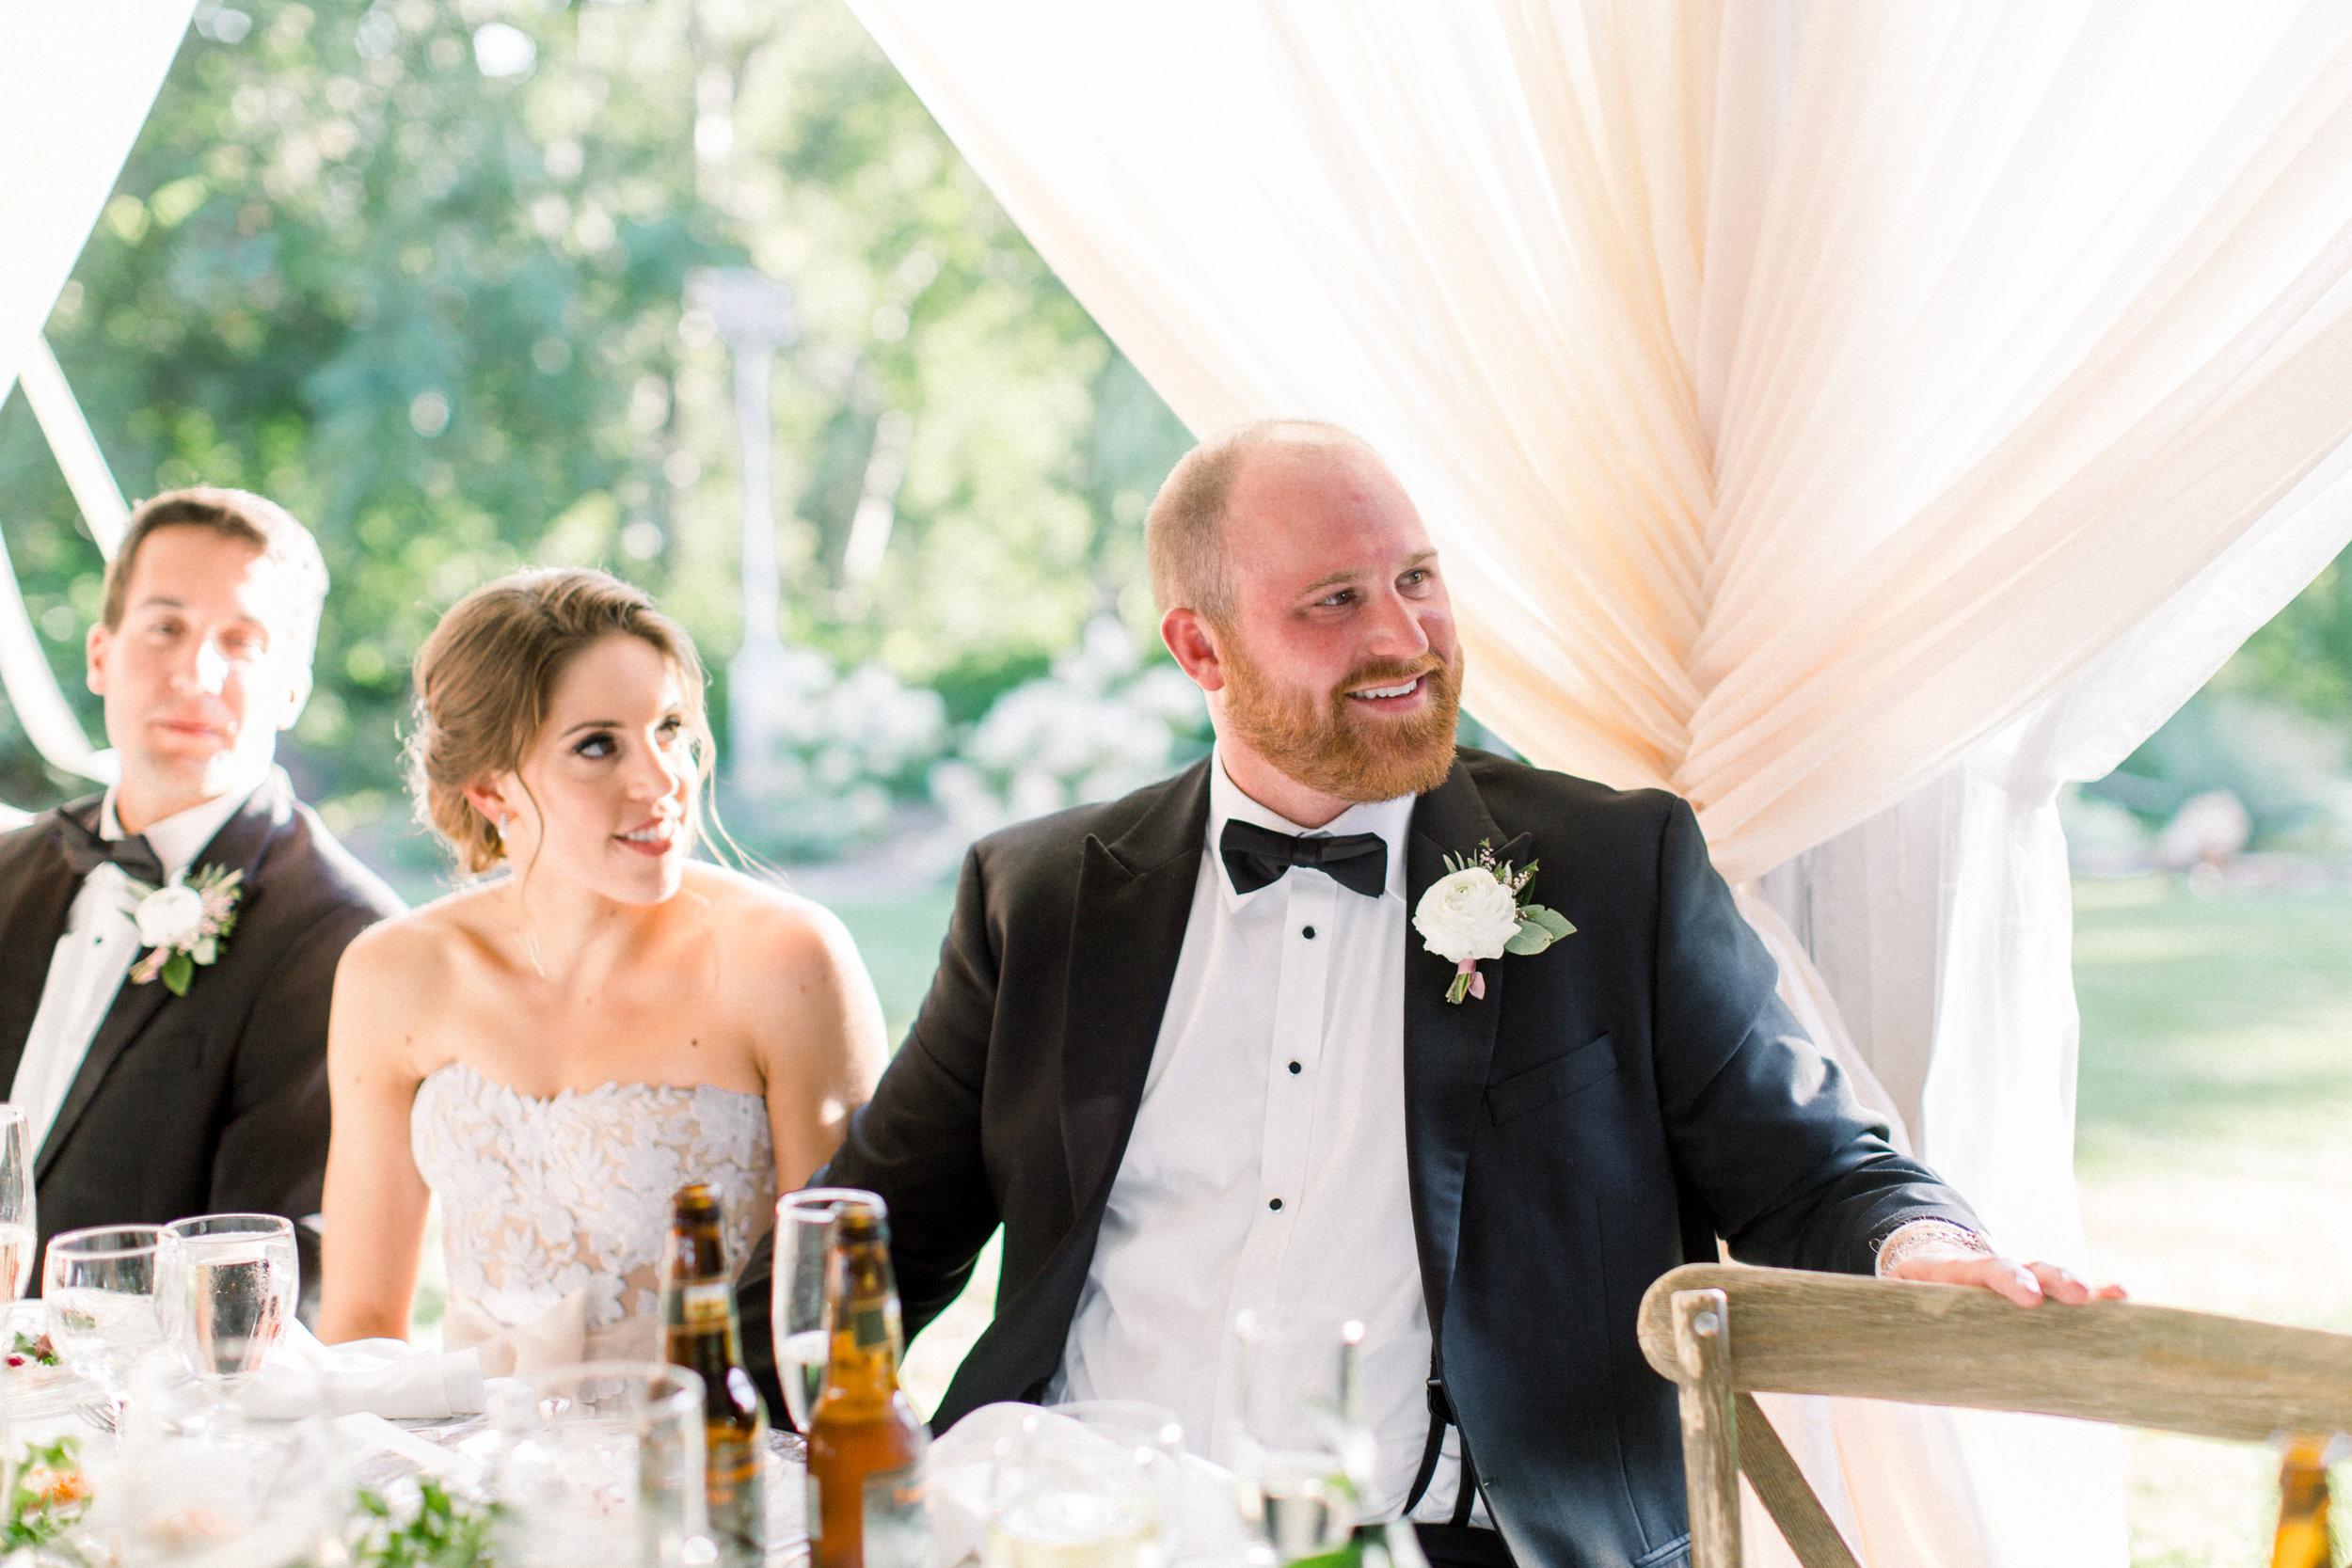 Steinlage+Wedding+Reception-261.jpg